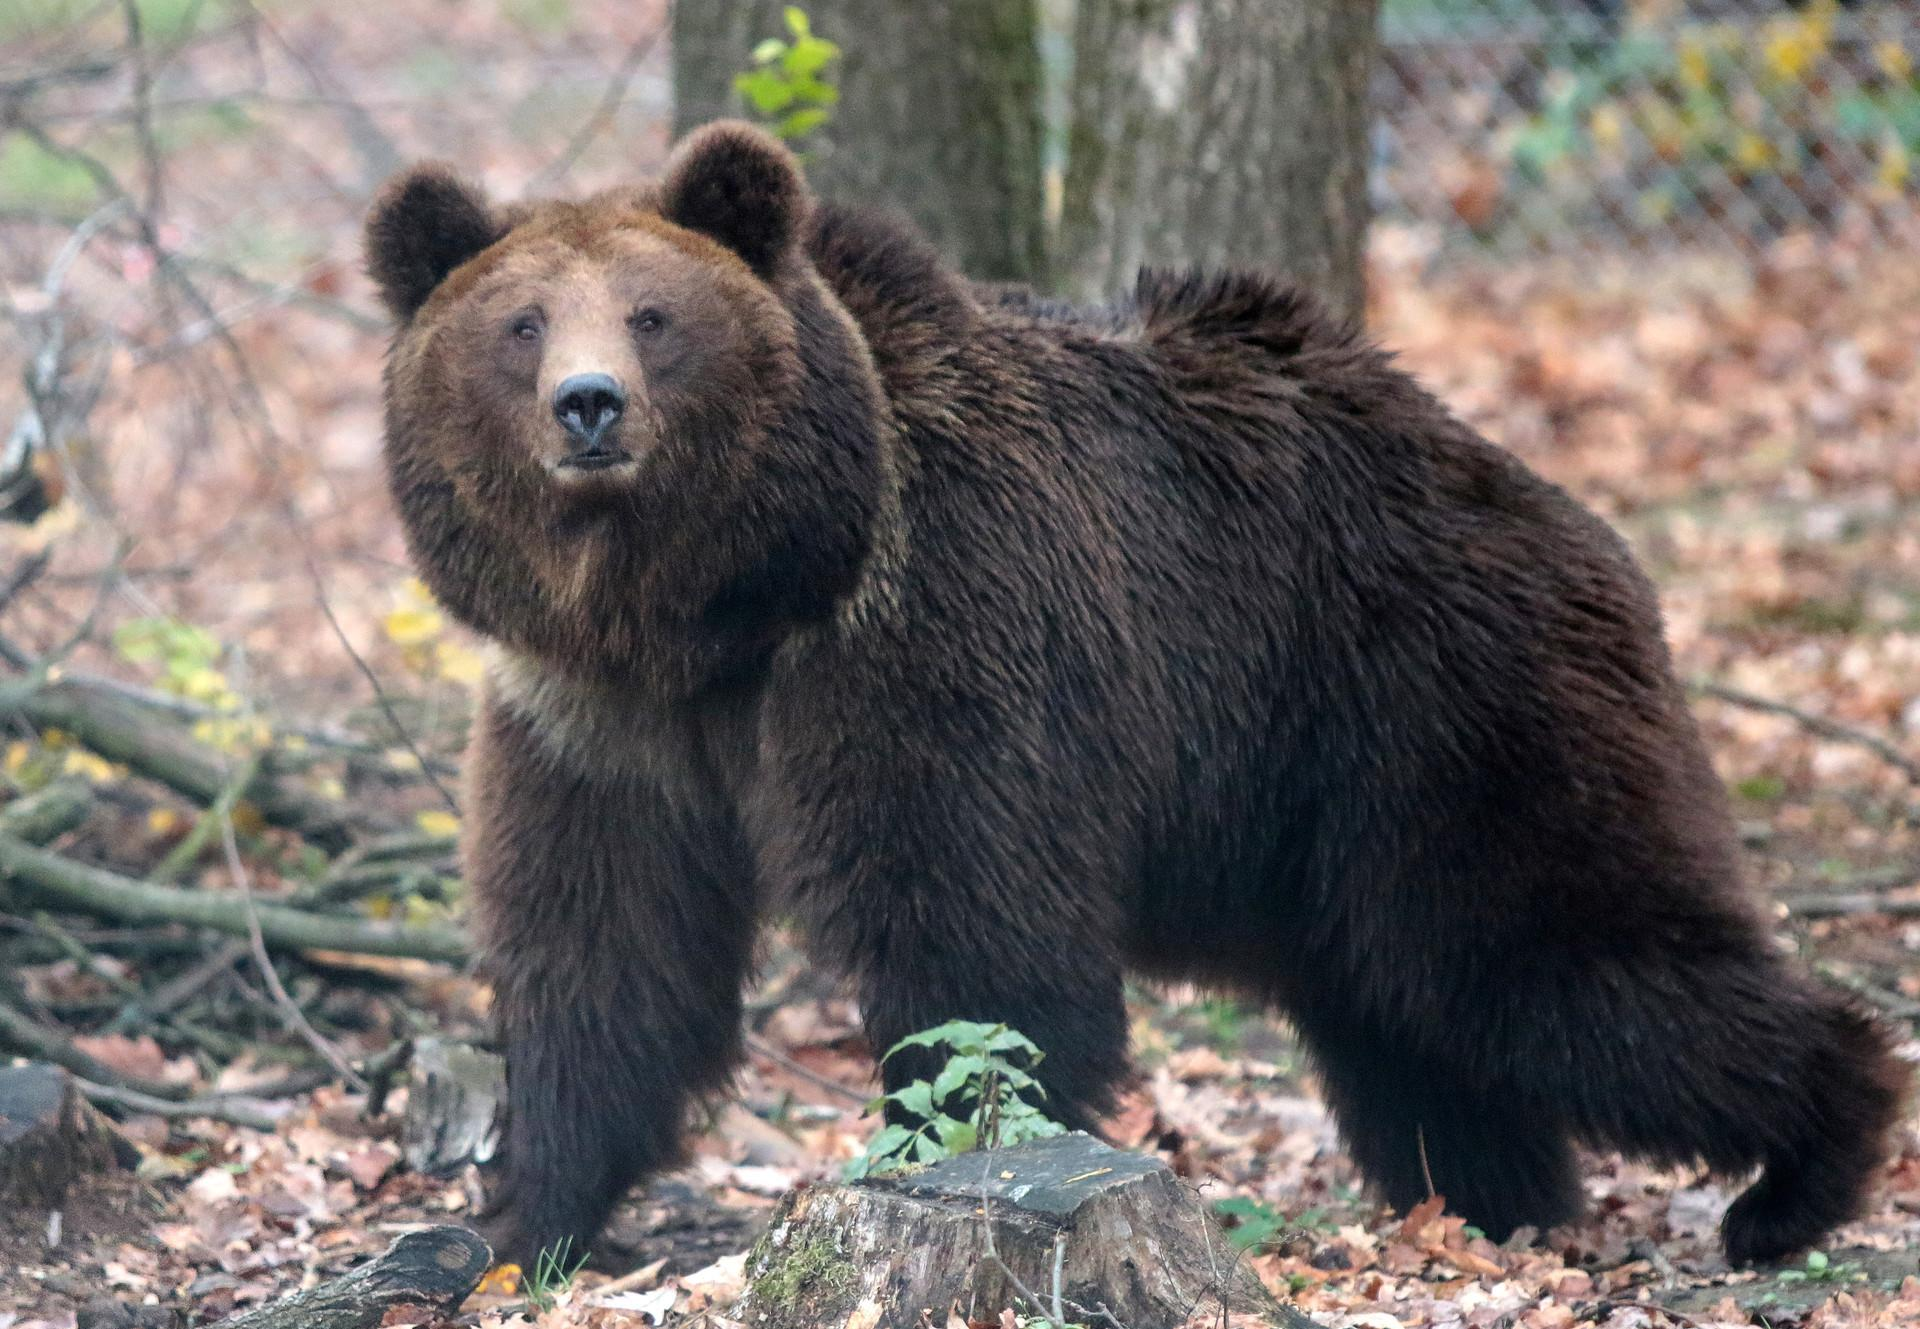 Fugatti, il governatore che ordina cattura e pure abbattimento dei plantigradi, è un mangiatore di carne di orso.<br> Non aspettiamoci allora sensibilità e amore verso queste creature